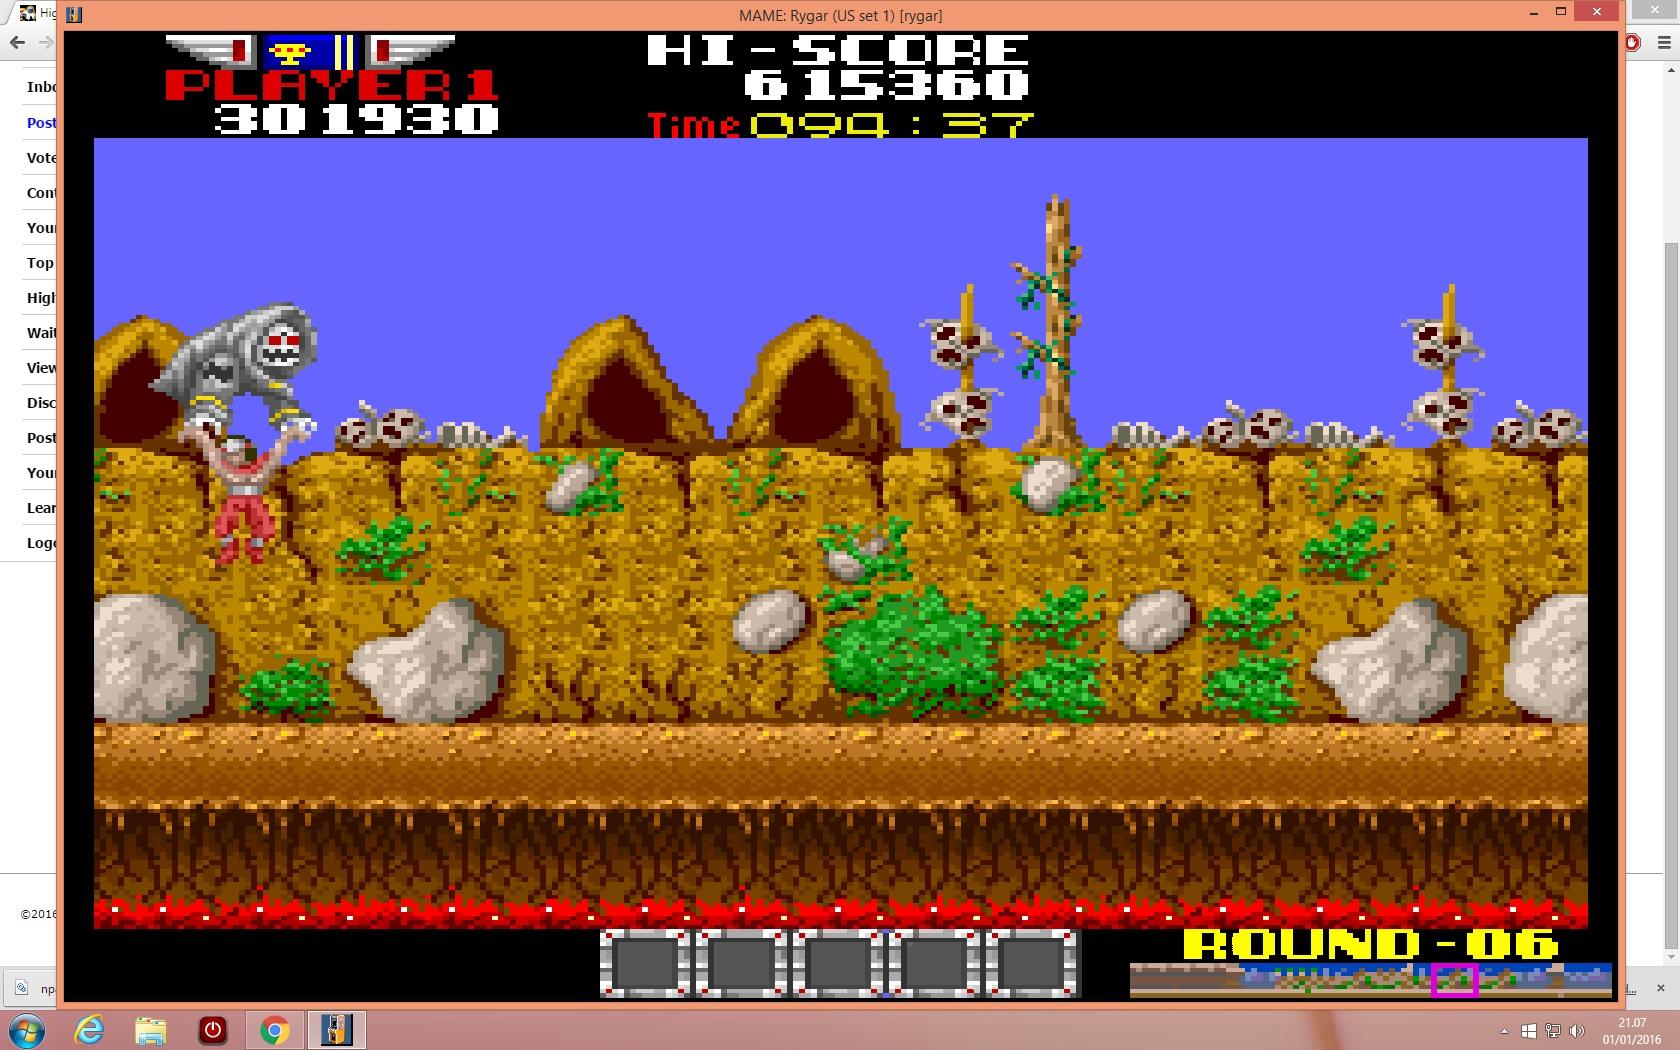 lenny2571: Rygar (Arcade Emulated / M.A.M.E.) 301,930 points on 2016-01-01 14:08:48